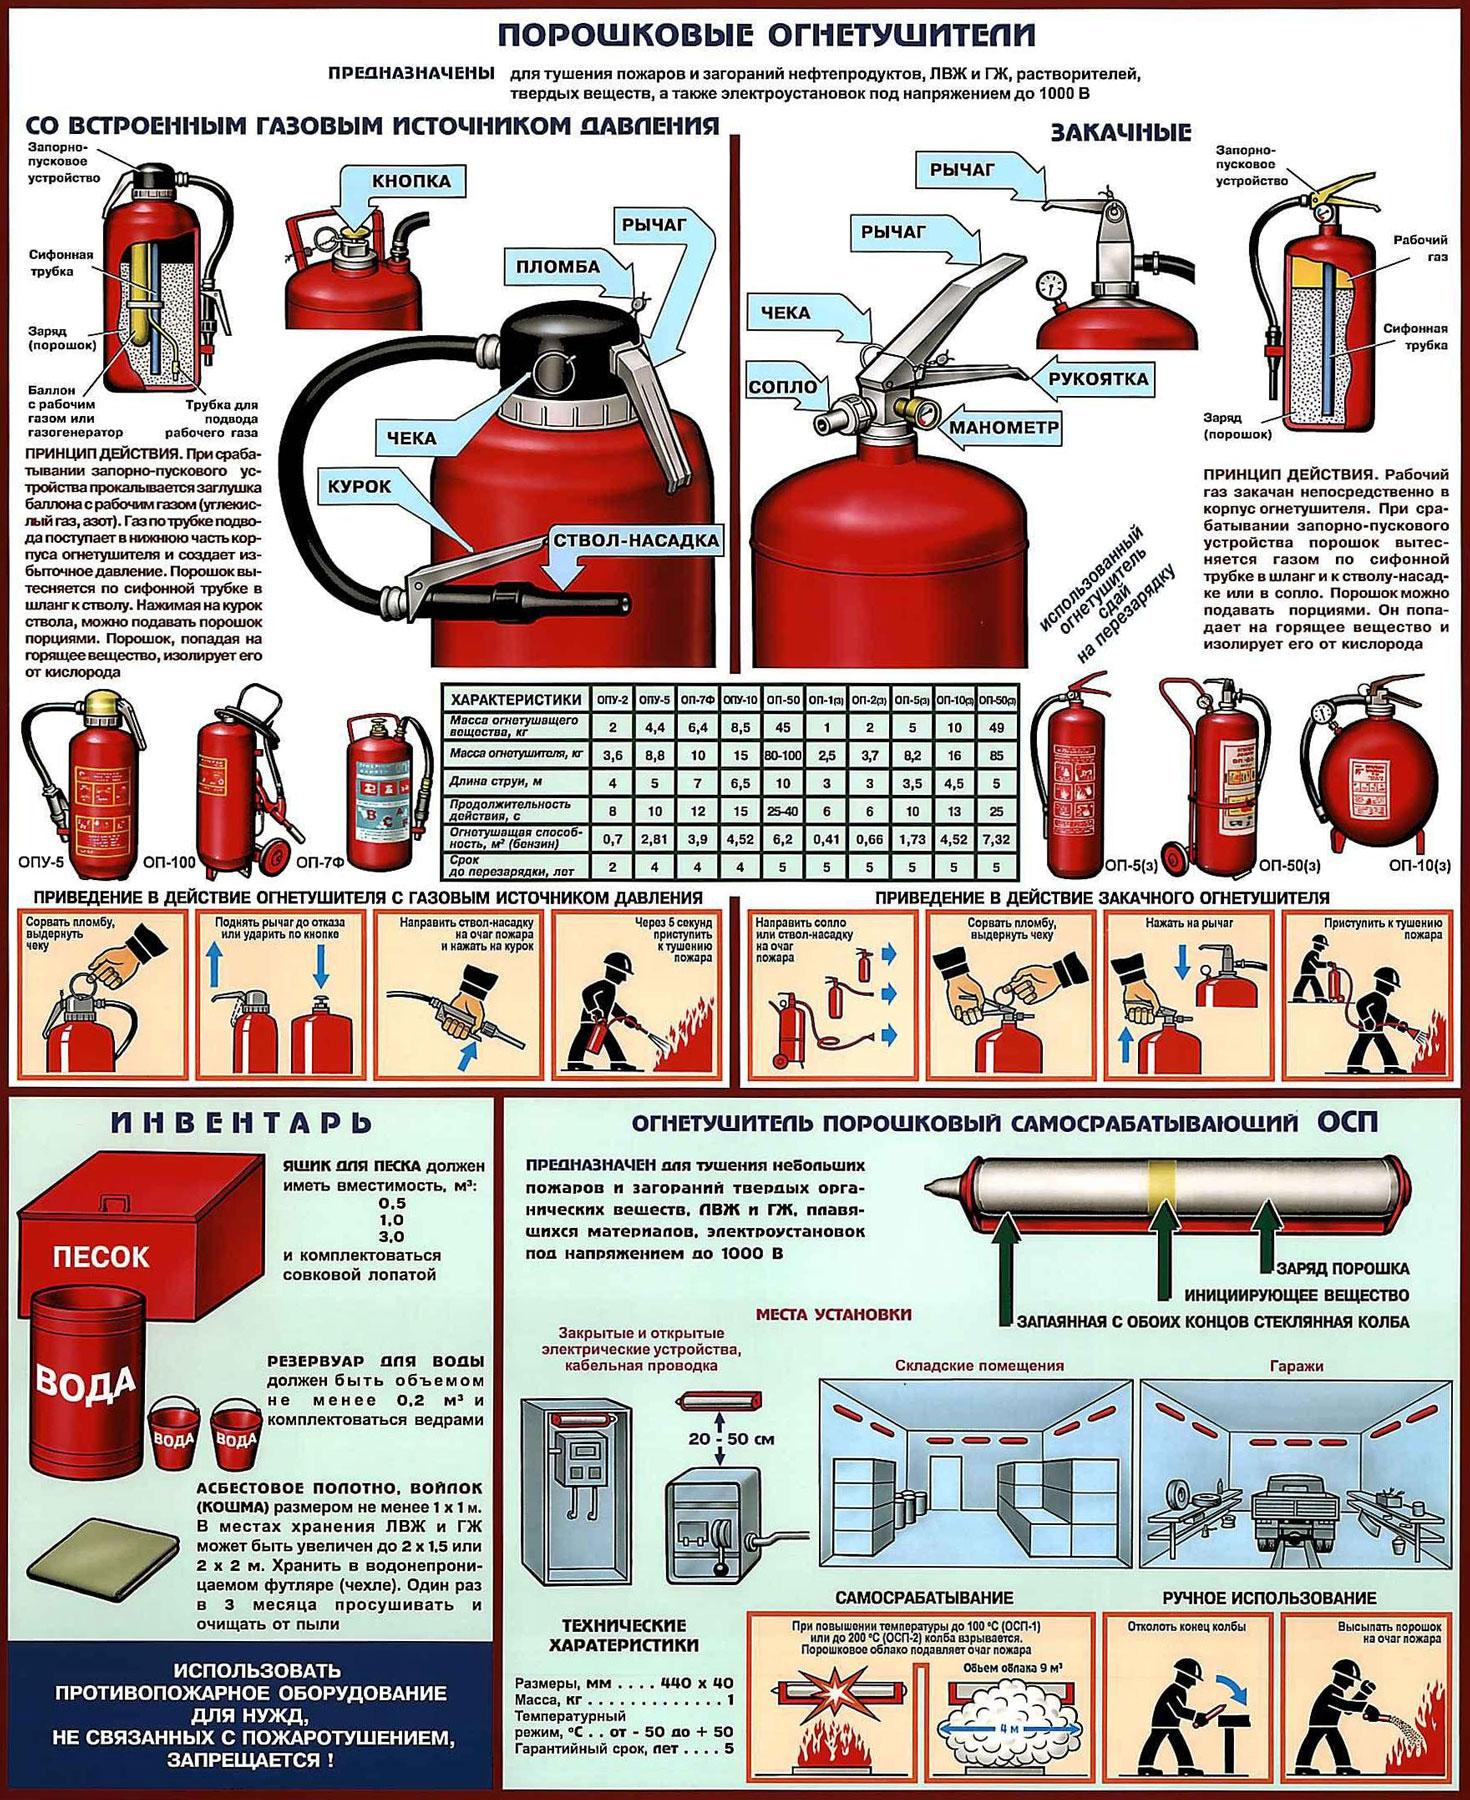 инструкция по применению огнетушителя овп(с)8